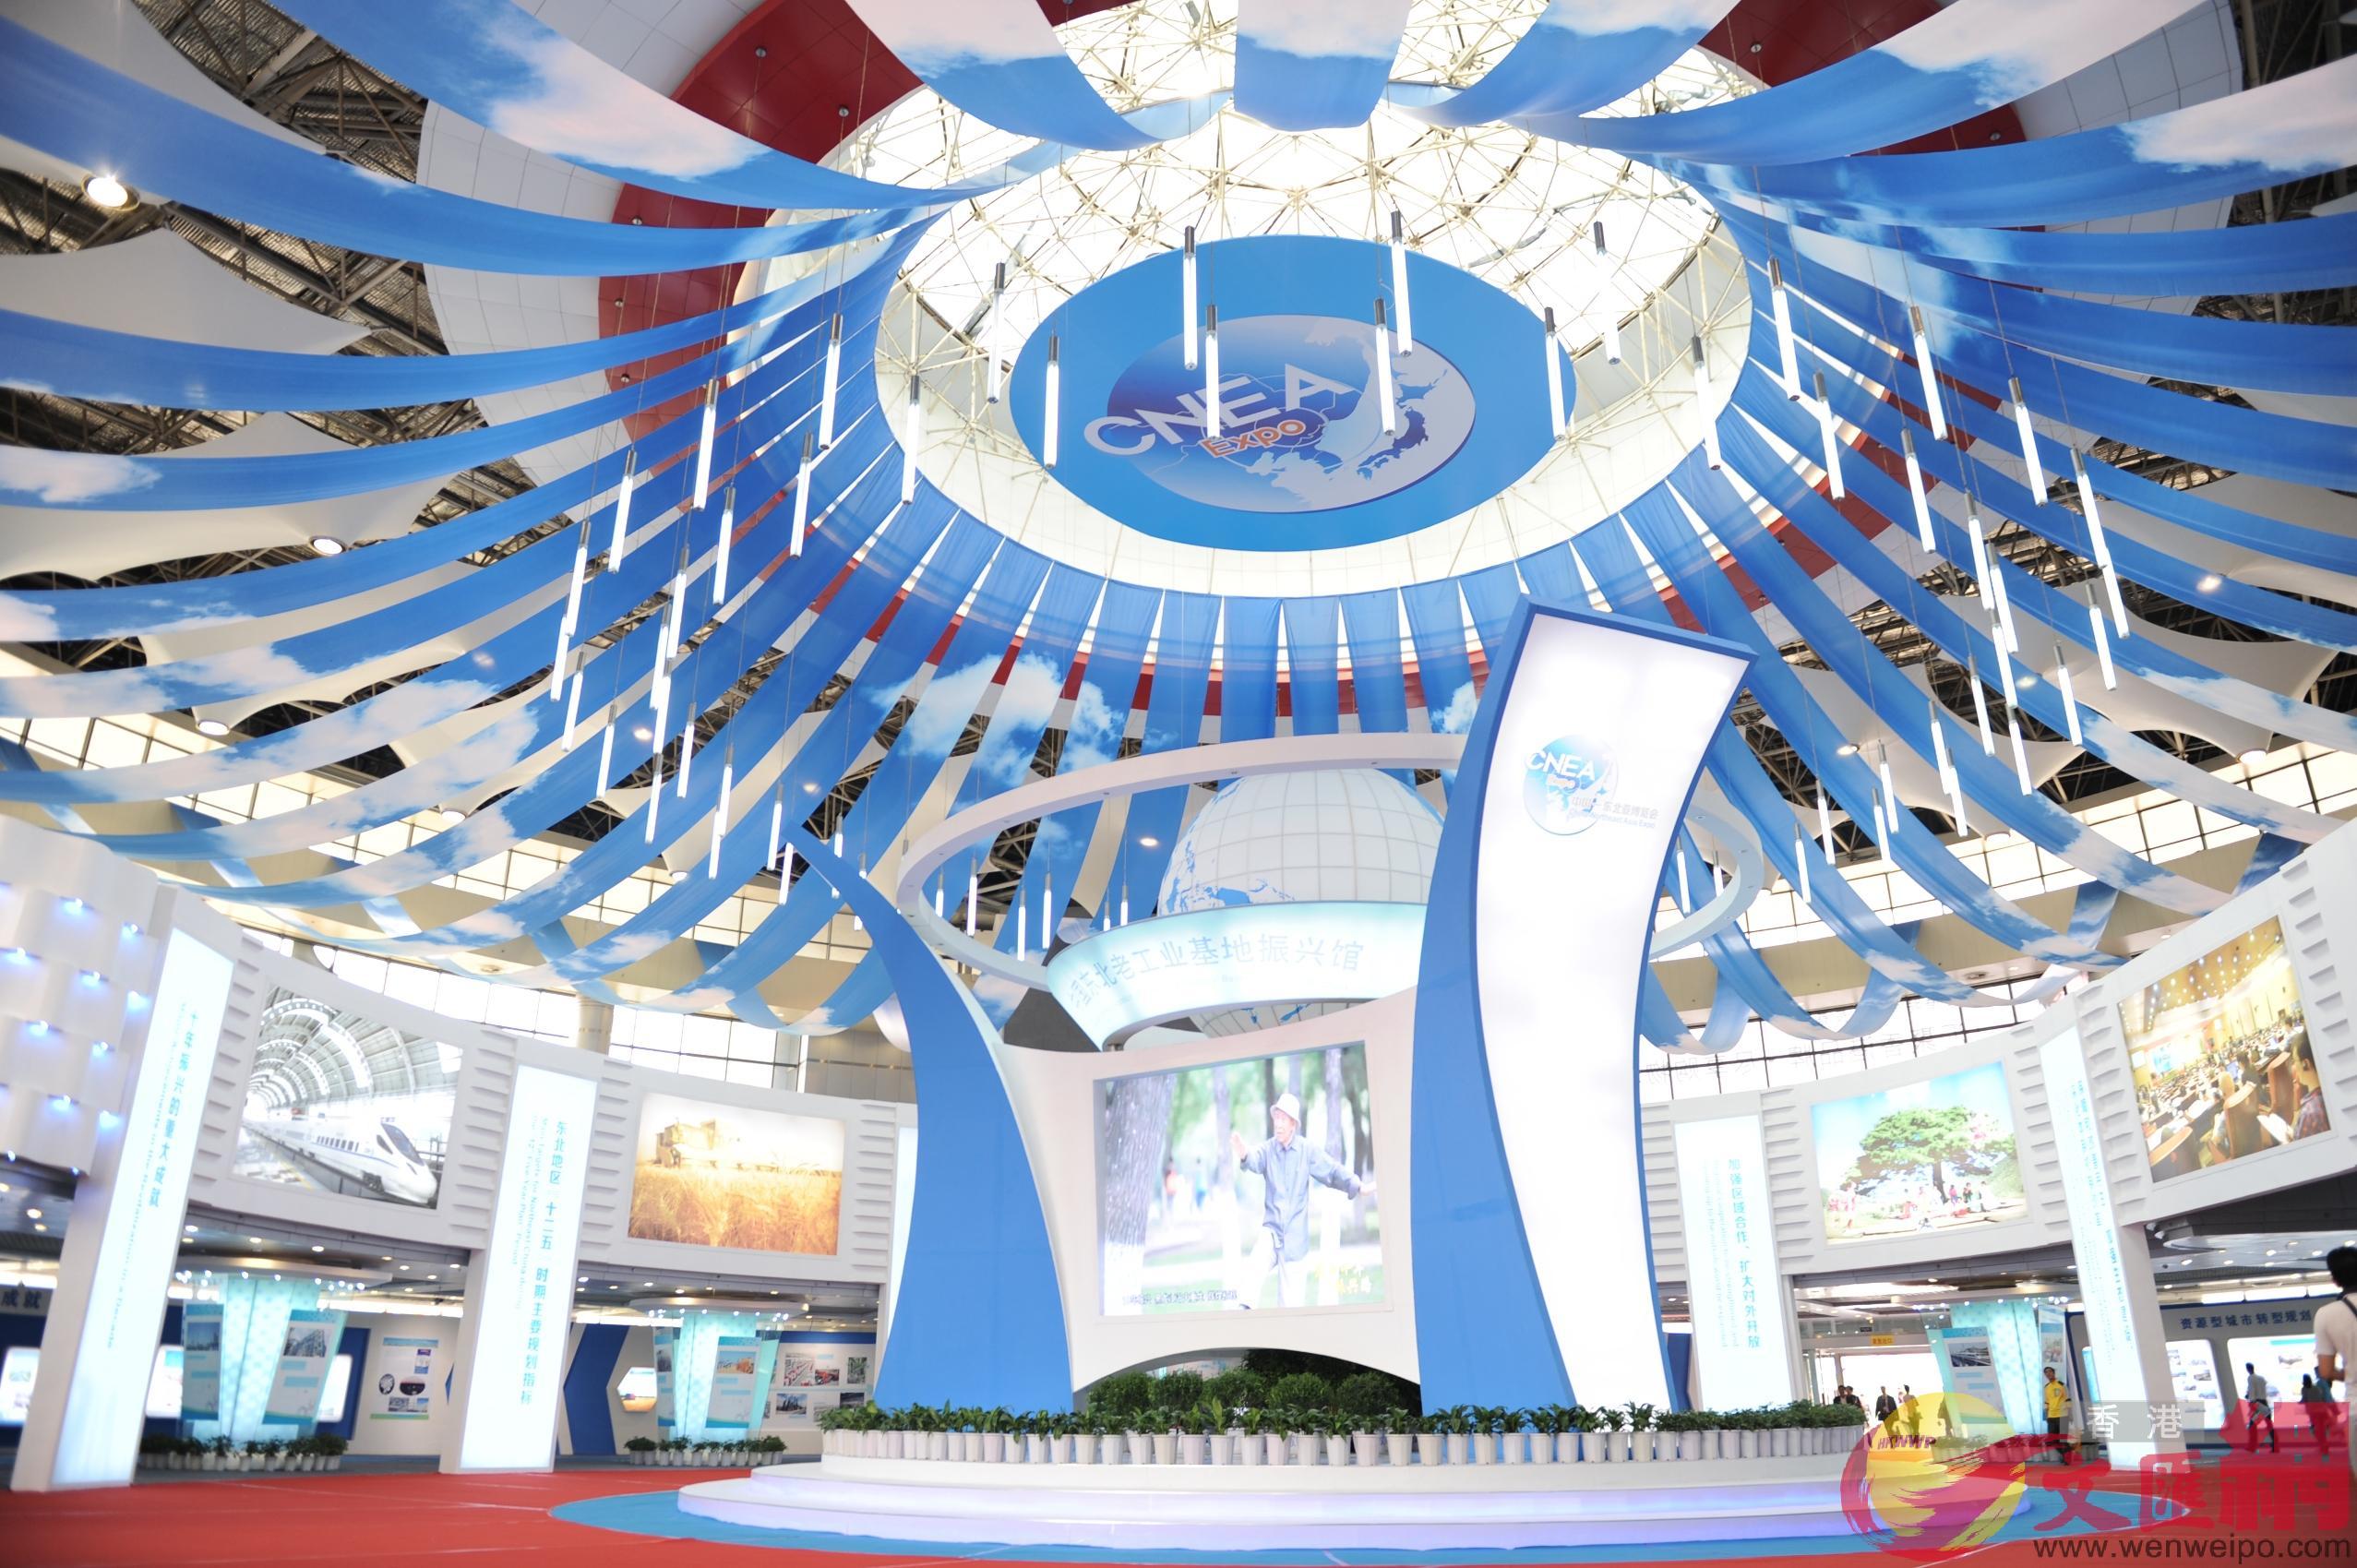 中國—東北亞博覽會成為展示吉林形象的重要窗口和招商引資的重要載體